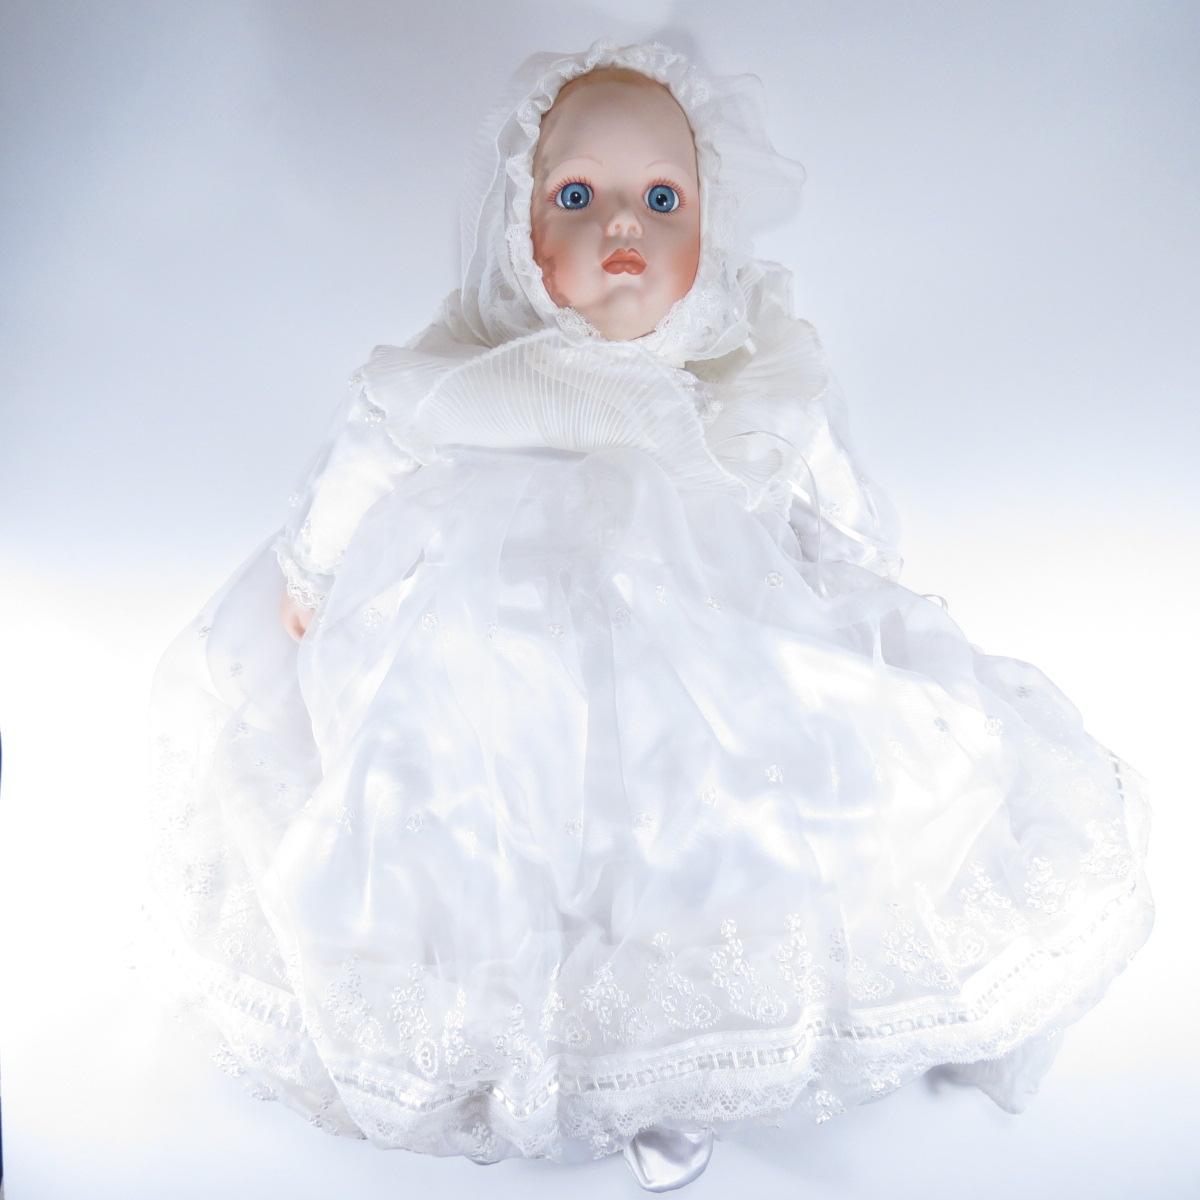 """Декоративная коллекционная фарфоровая кукла из серии """"Крещение"""" в соответсвующей одежде, с подушечкой для младенца и золочёным браслетом с натуральным гранатом.  Название куклы - Младенец. Крещение.  Фирма производитель - Danbury Mint, США. Высота Куклы - 50см. Сохранность - Очень хорошая, без сколов, трещин и царапин.  Используется исключительно в декоративных целях.  Коробка не является декоративной и предназначена для пересылки по почте, так что, может иметь пометки и потёртости, учитывая возраст куклы."""